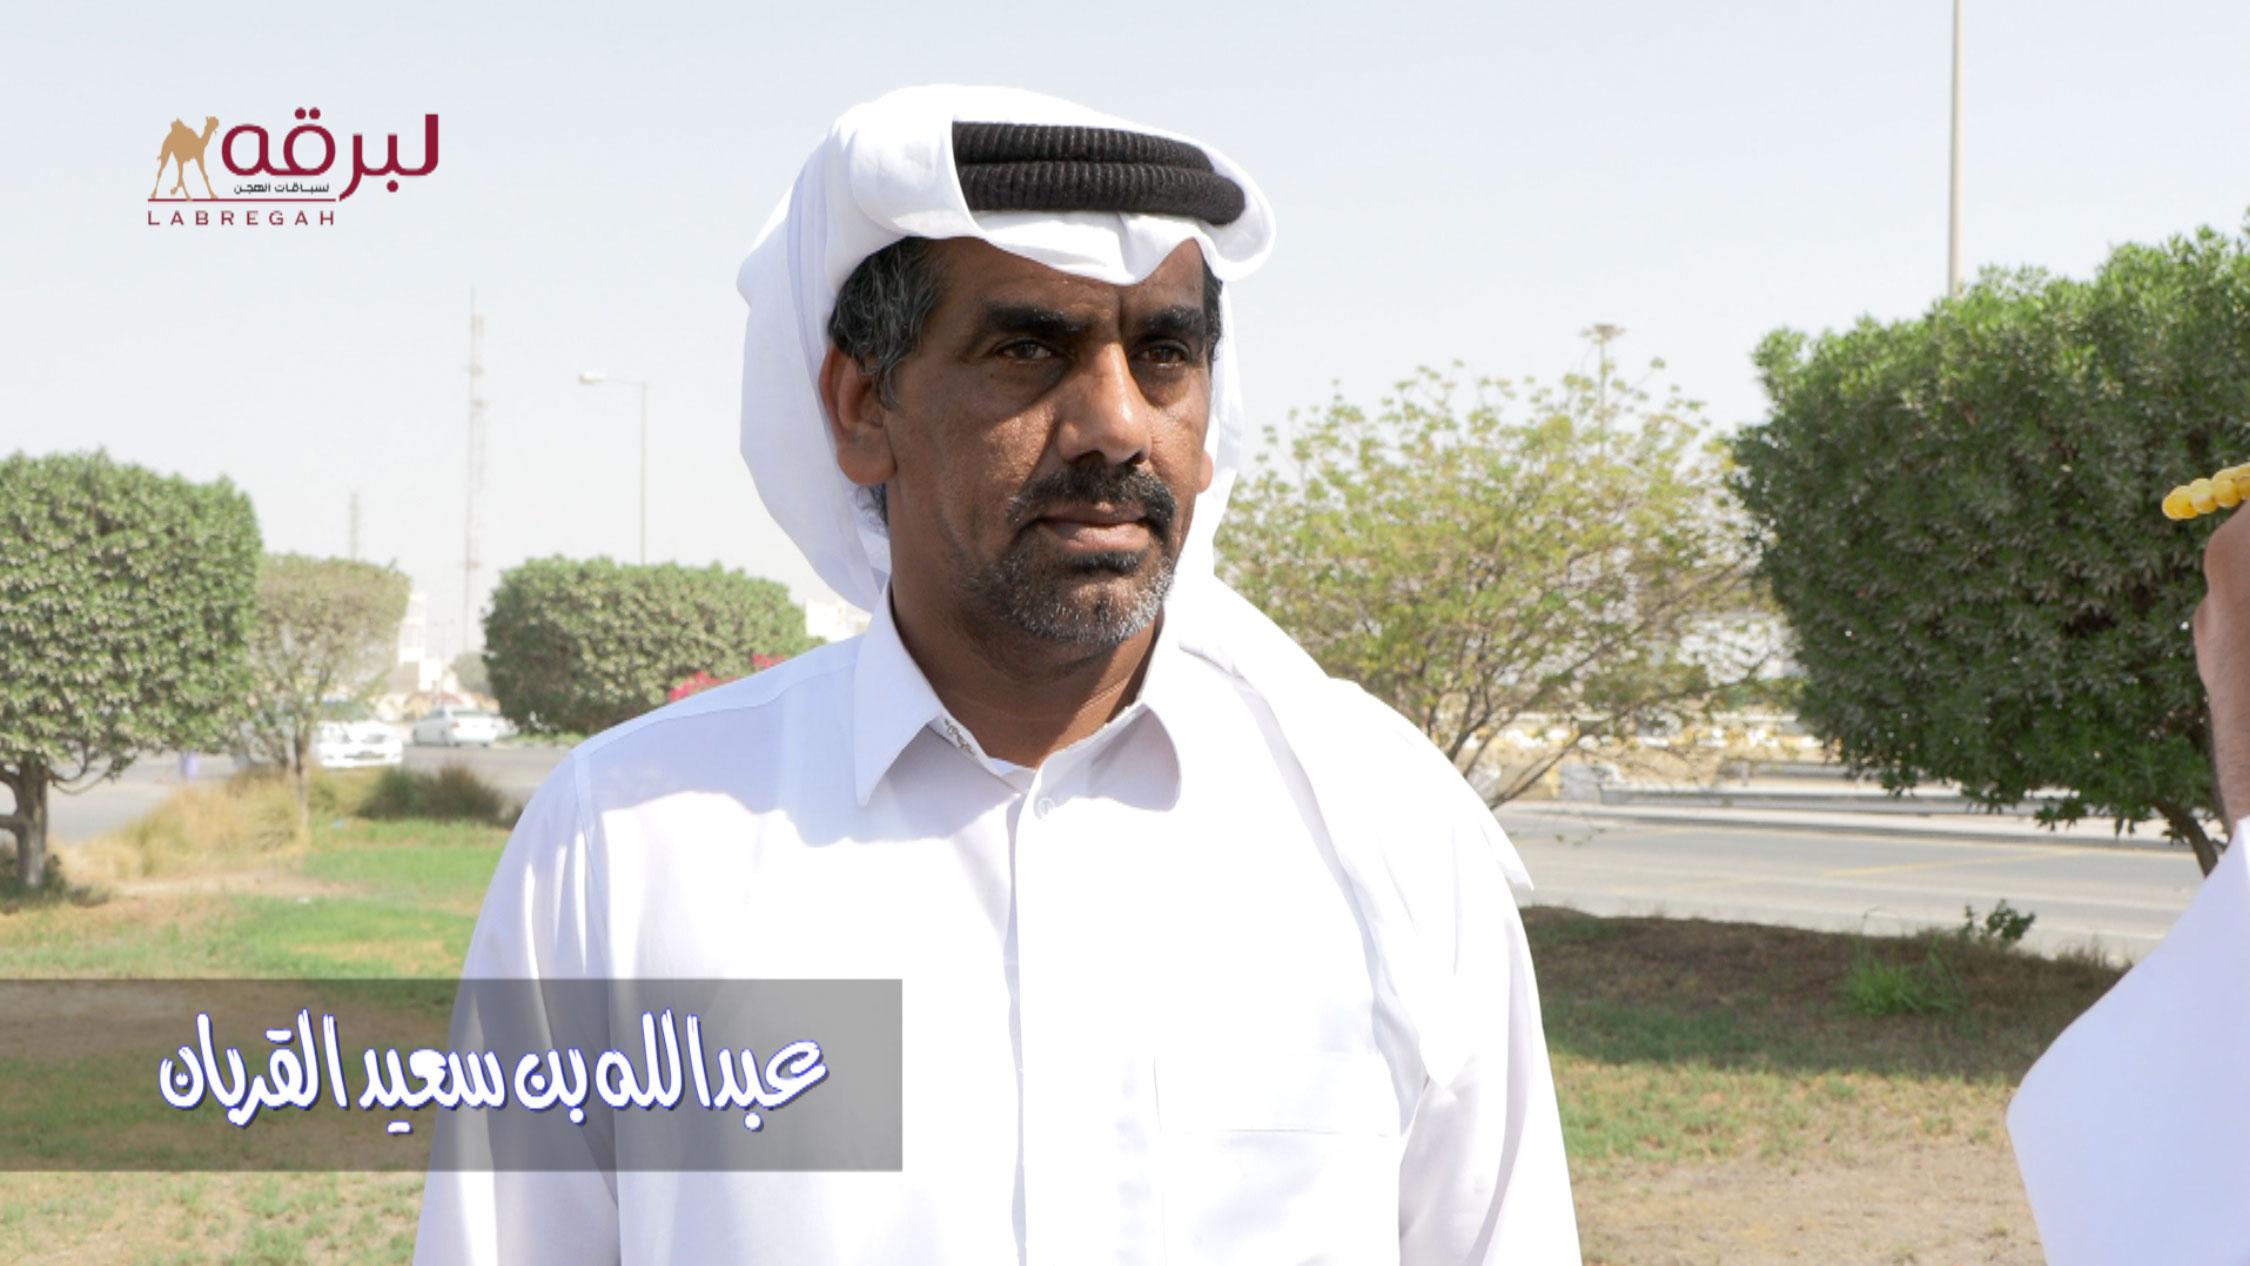 لقاء مع عبدالله بن سعيد القربان.. الشوط الرئيسي لقايا قعدان مفتوح ميدان الشحانية ٦-٩-٢٠٢١